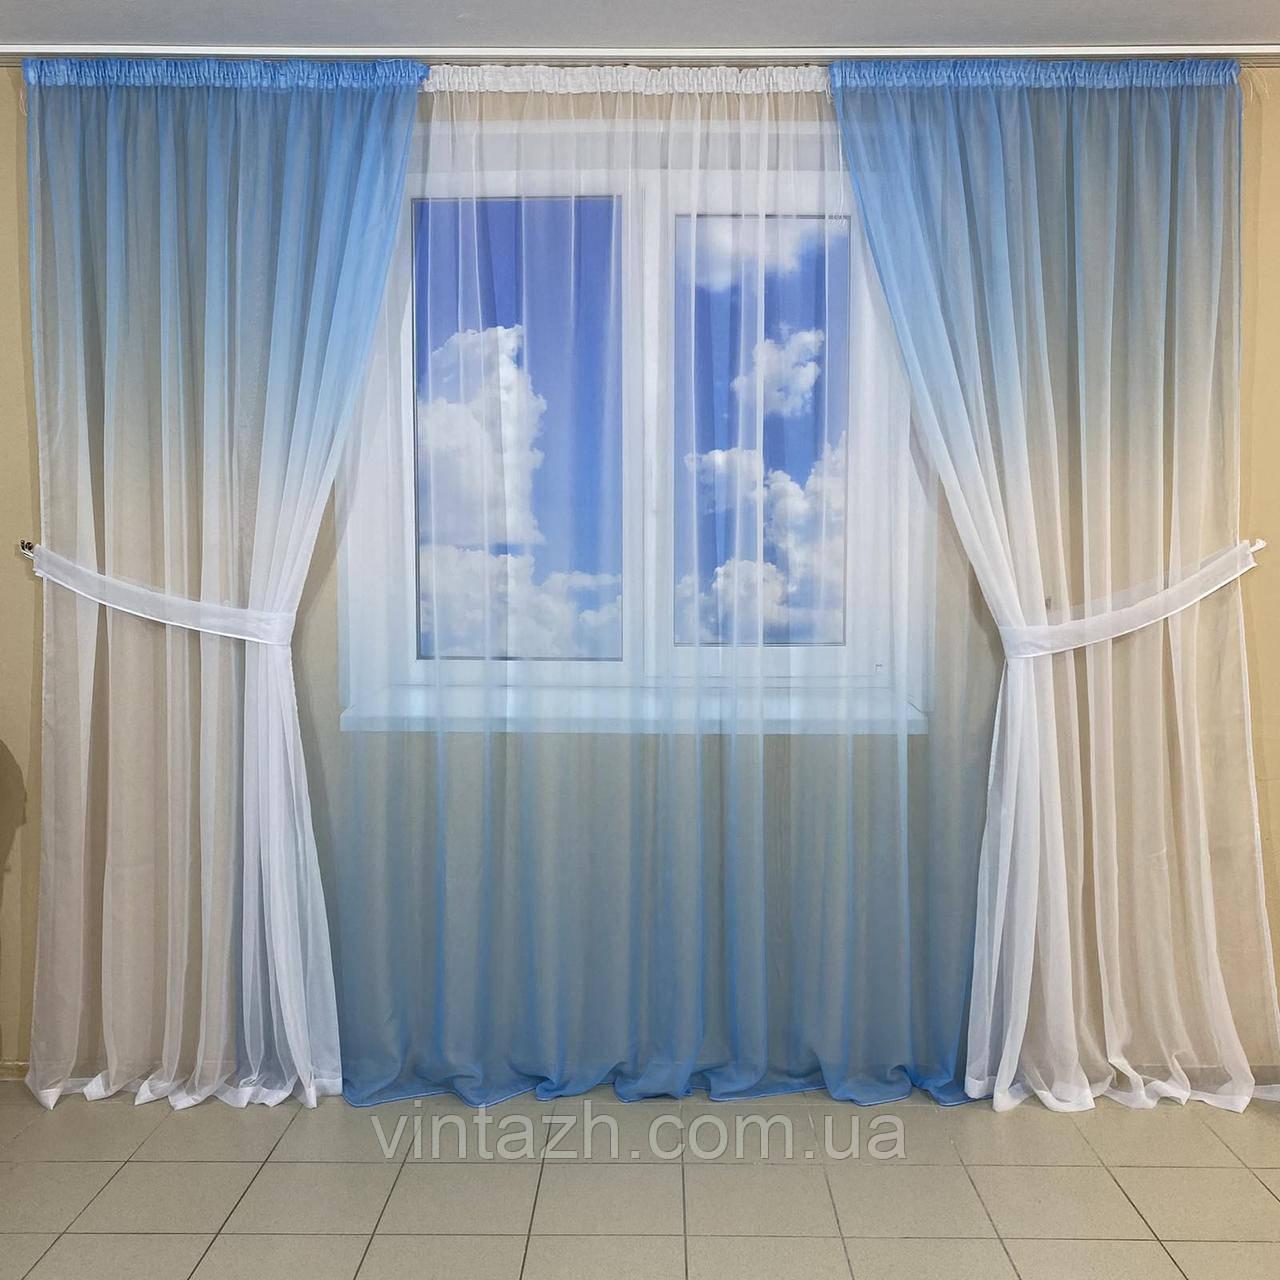 Готовый комплект штор в спальню